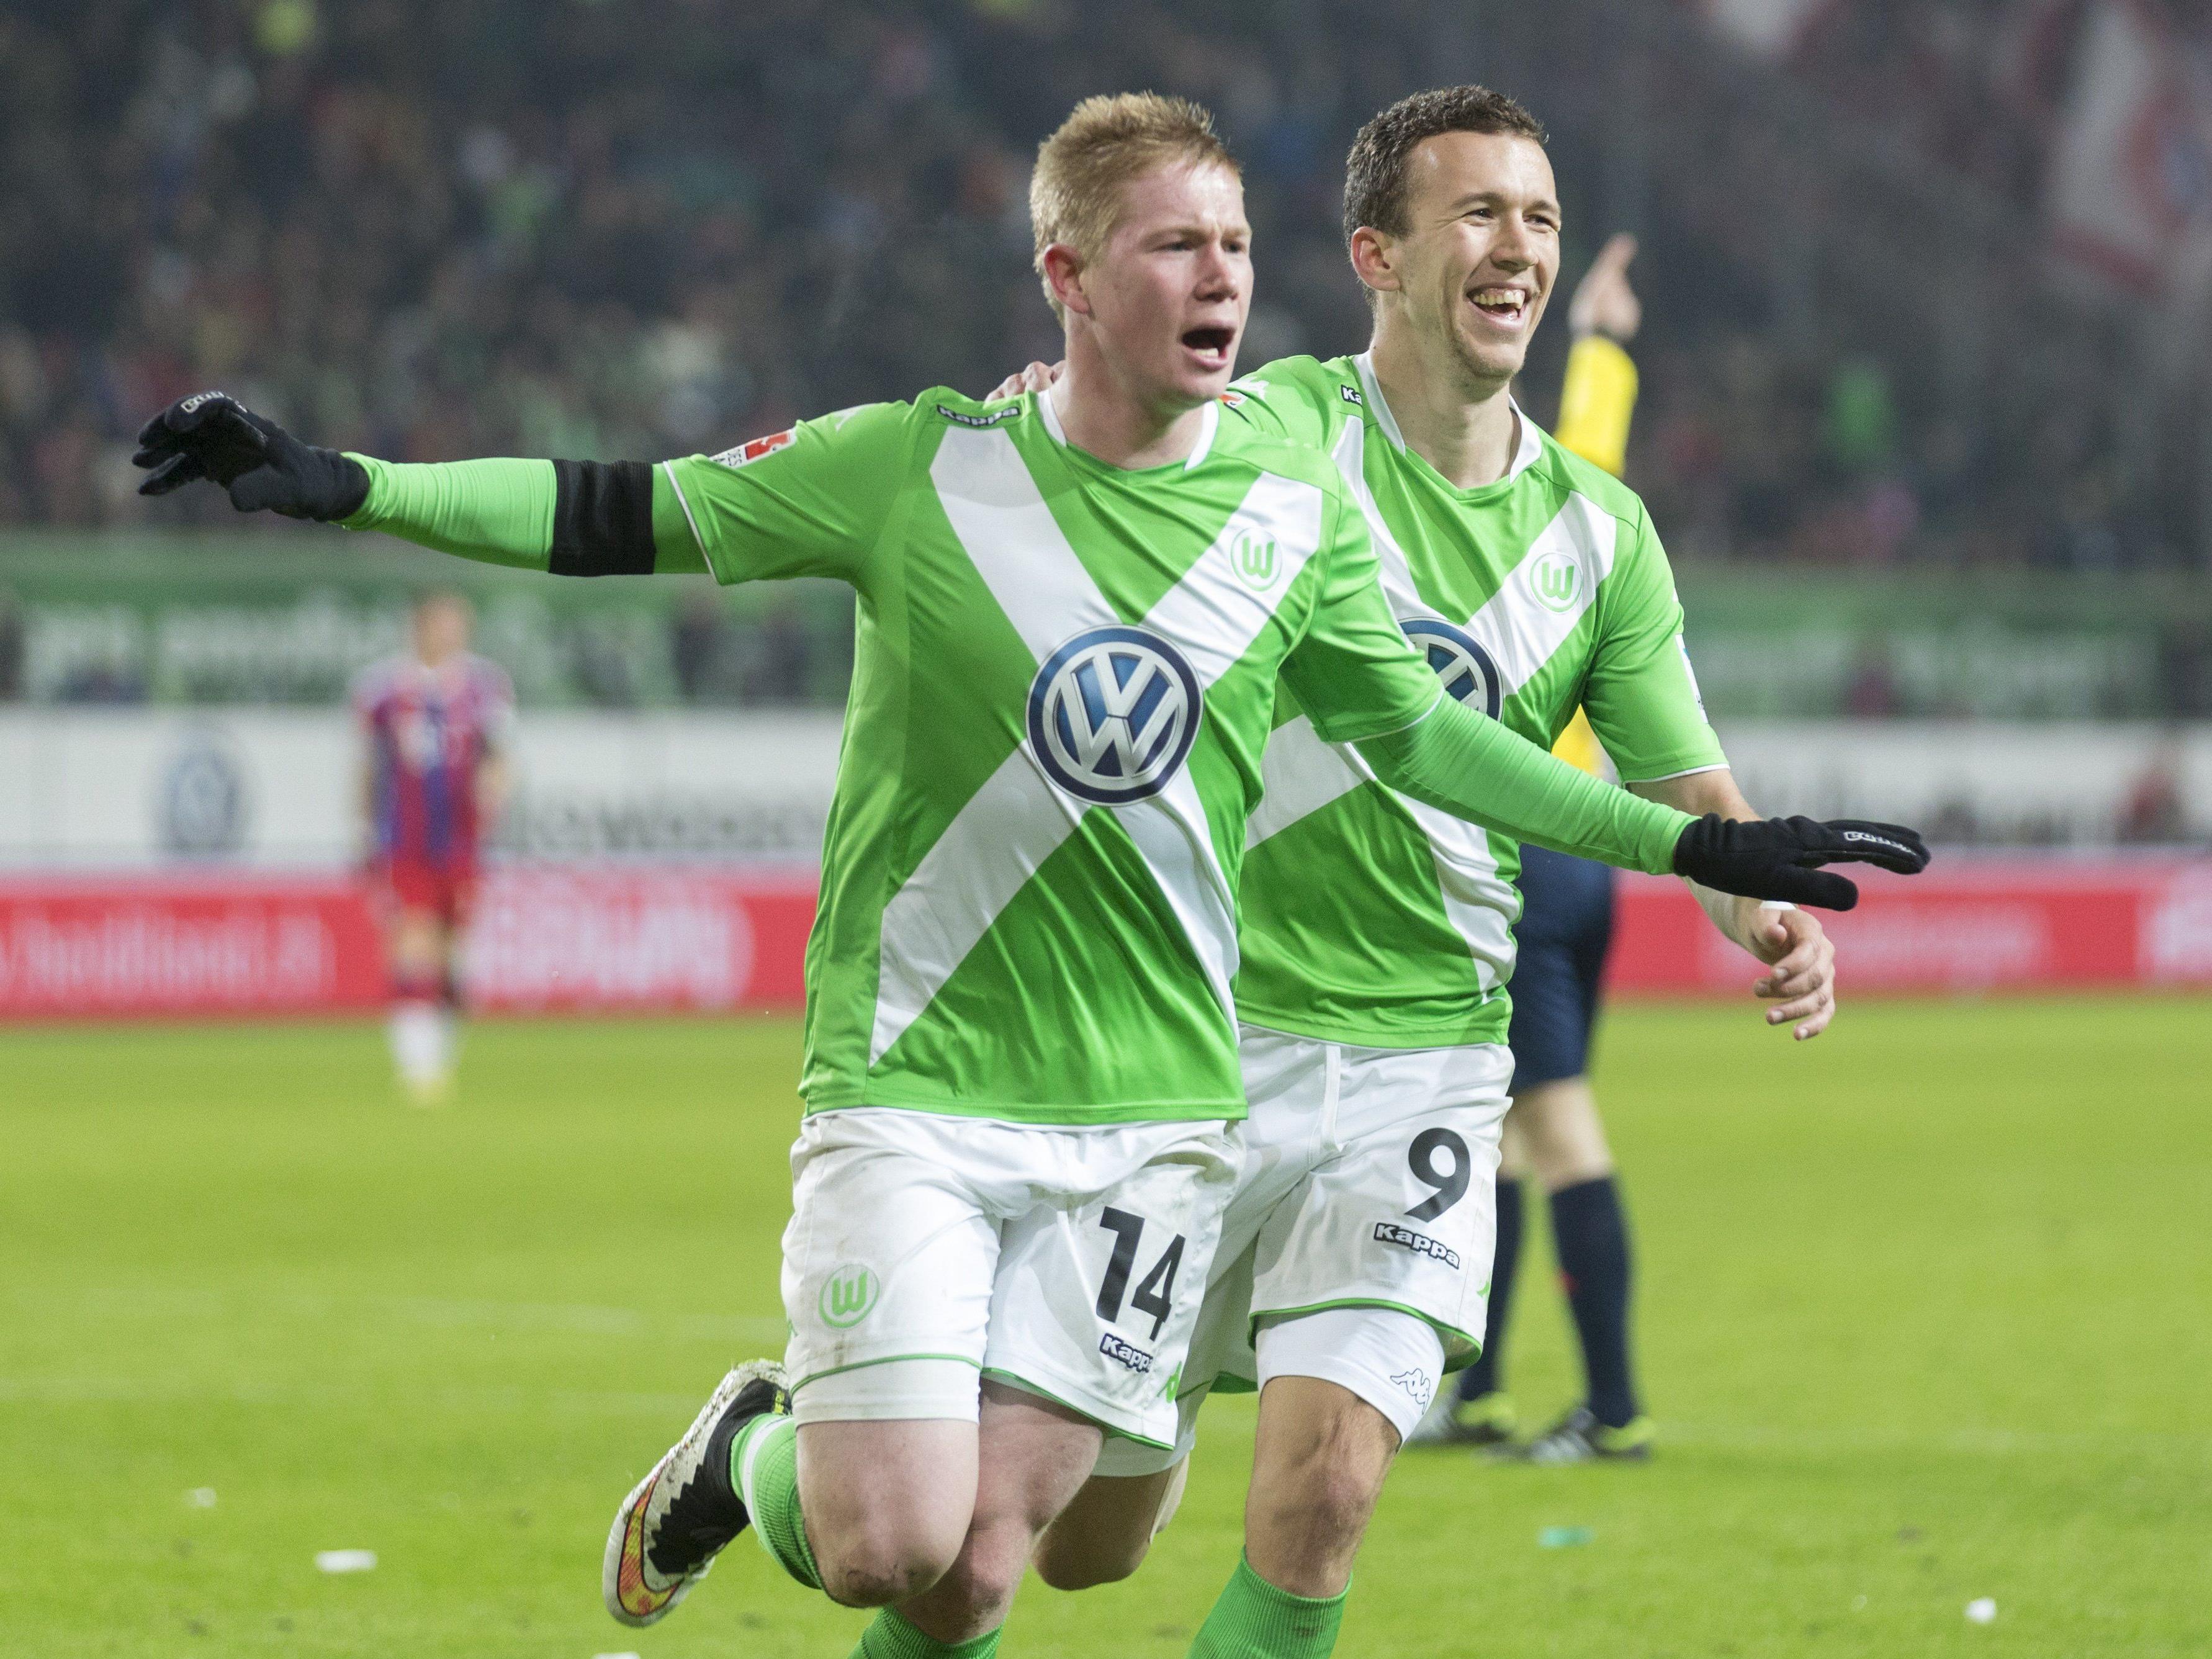 LIVE-Ticker zum Spiel Eintracht Frankfurt gegen VfL Wolfsburg ab 20.00 Uhr.